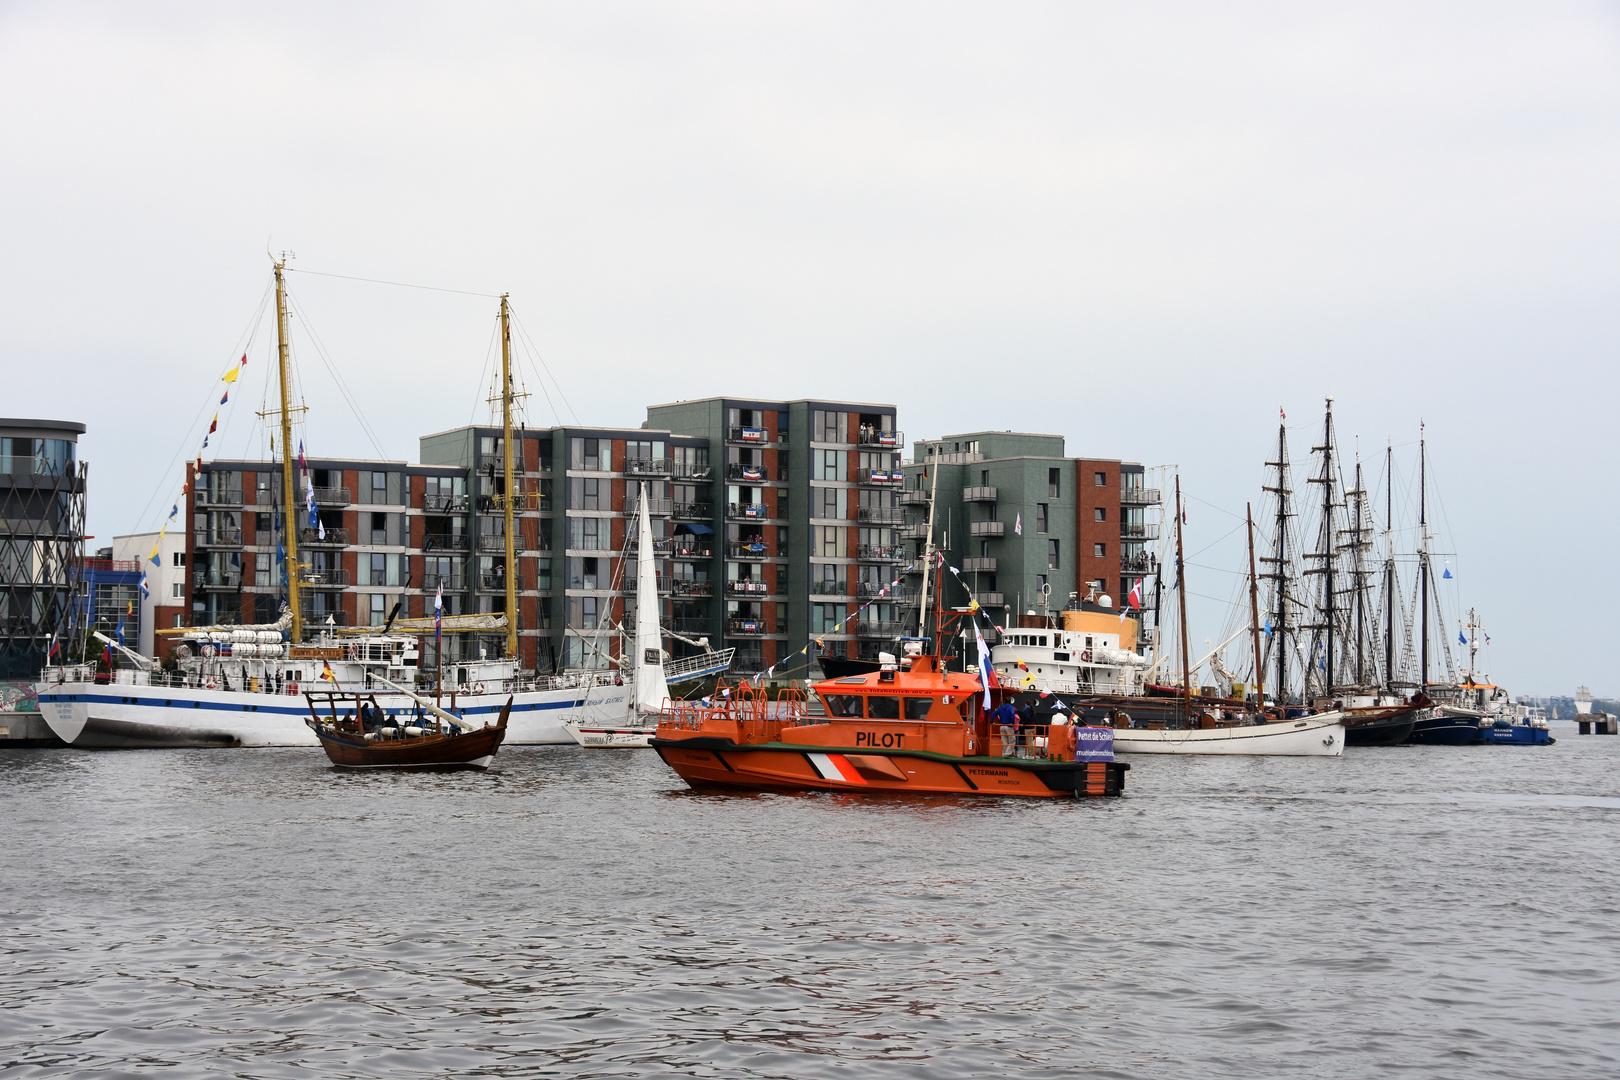 Hanse Sail 2018 in Rostock